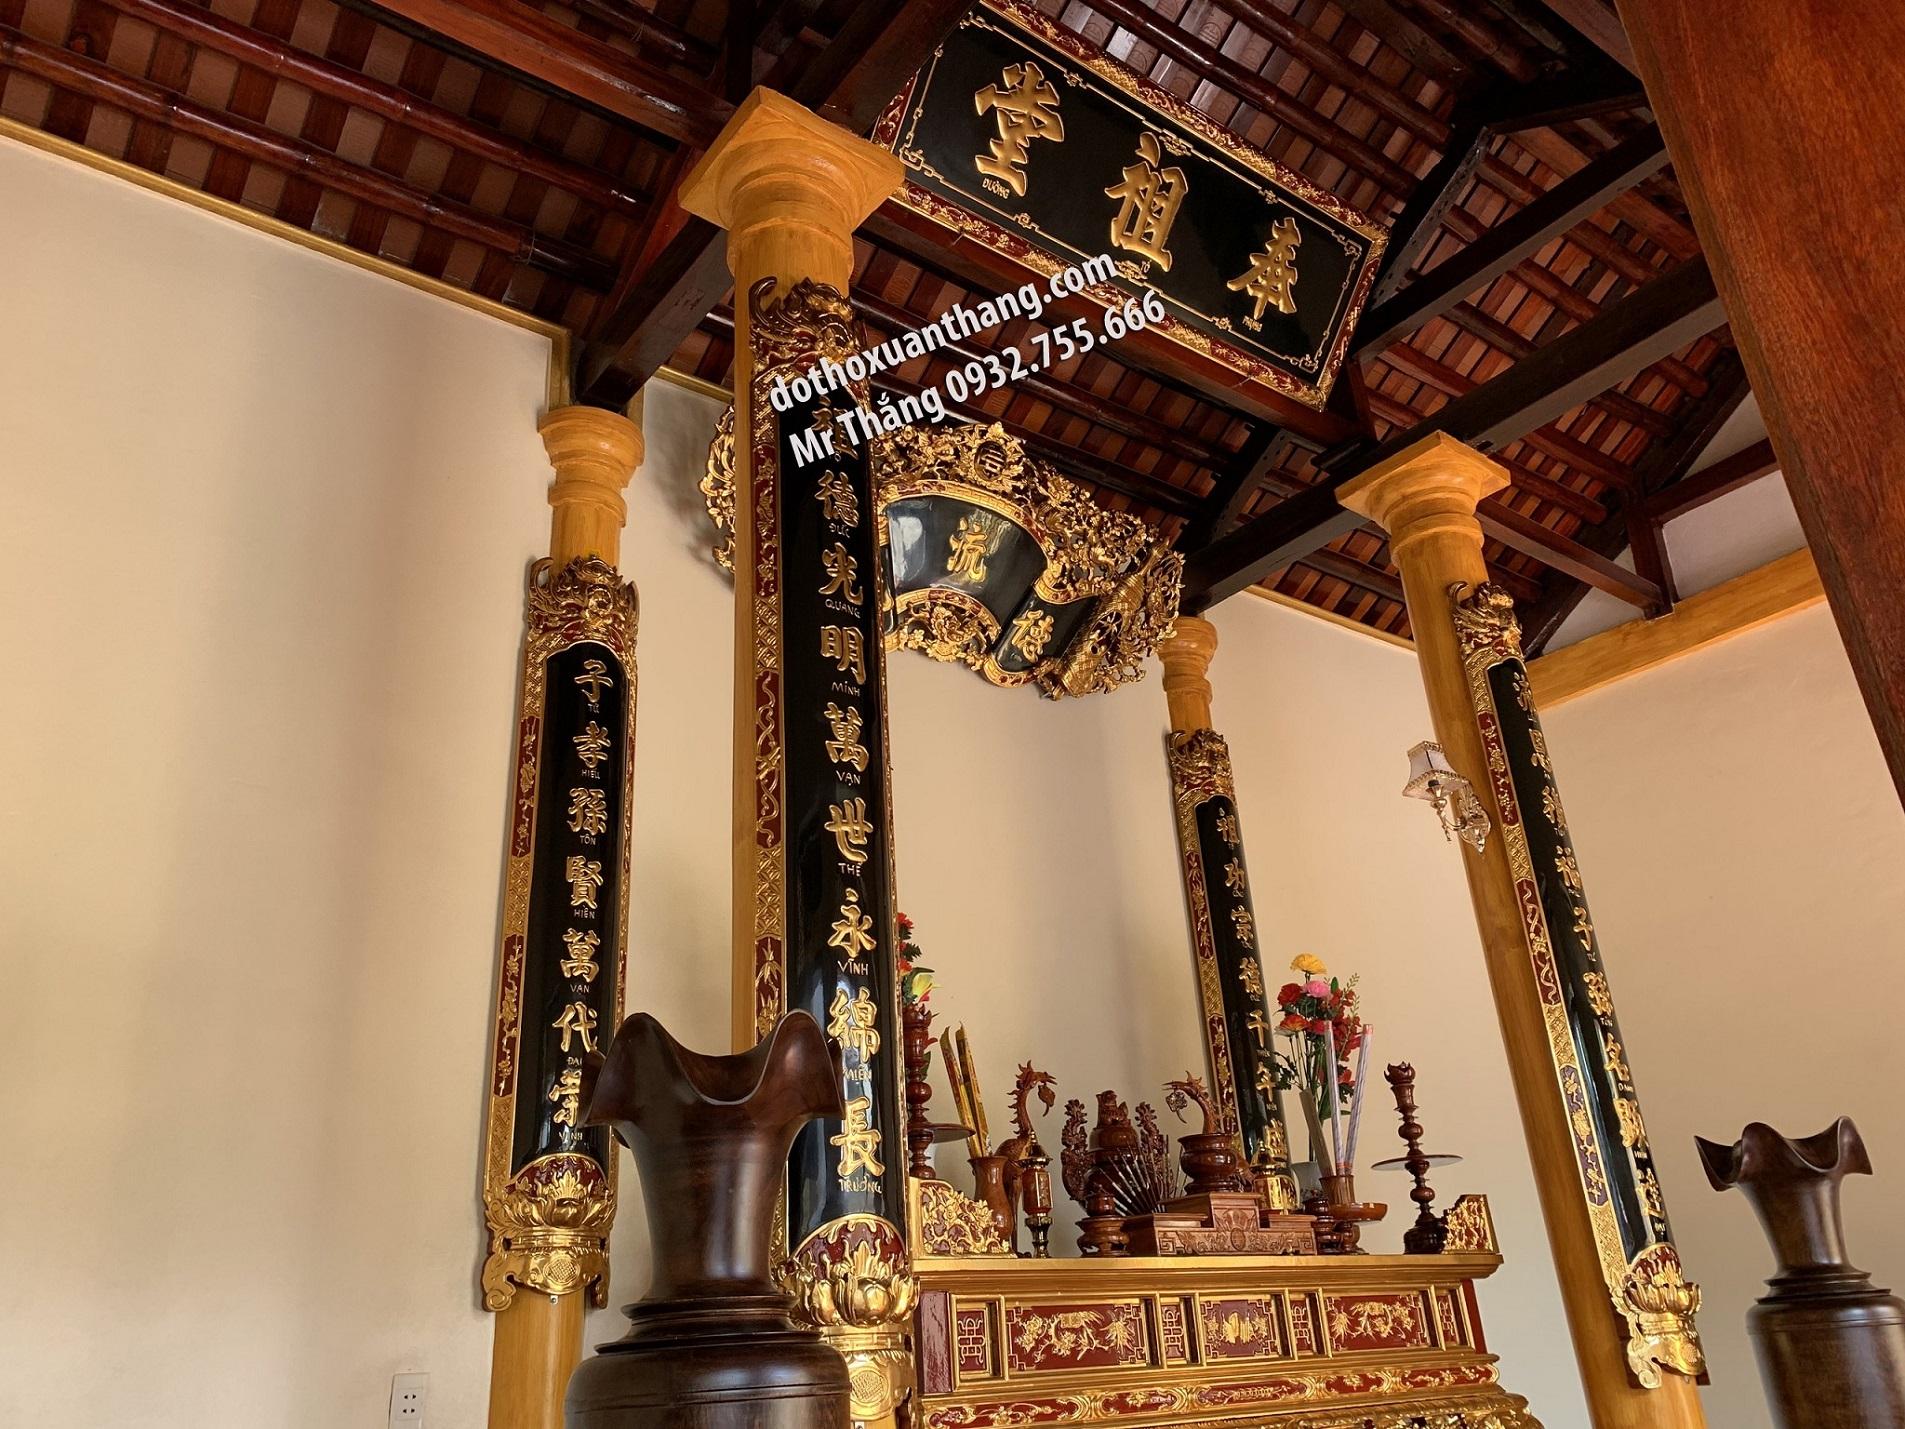 Mẫu hoành phi câu đối thờ bằng gỗ đẹp nhất hiện nay